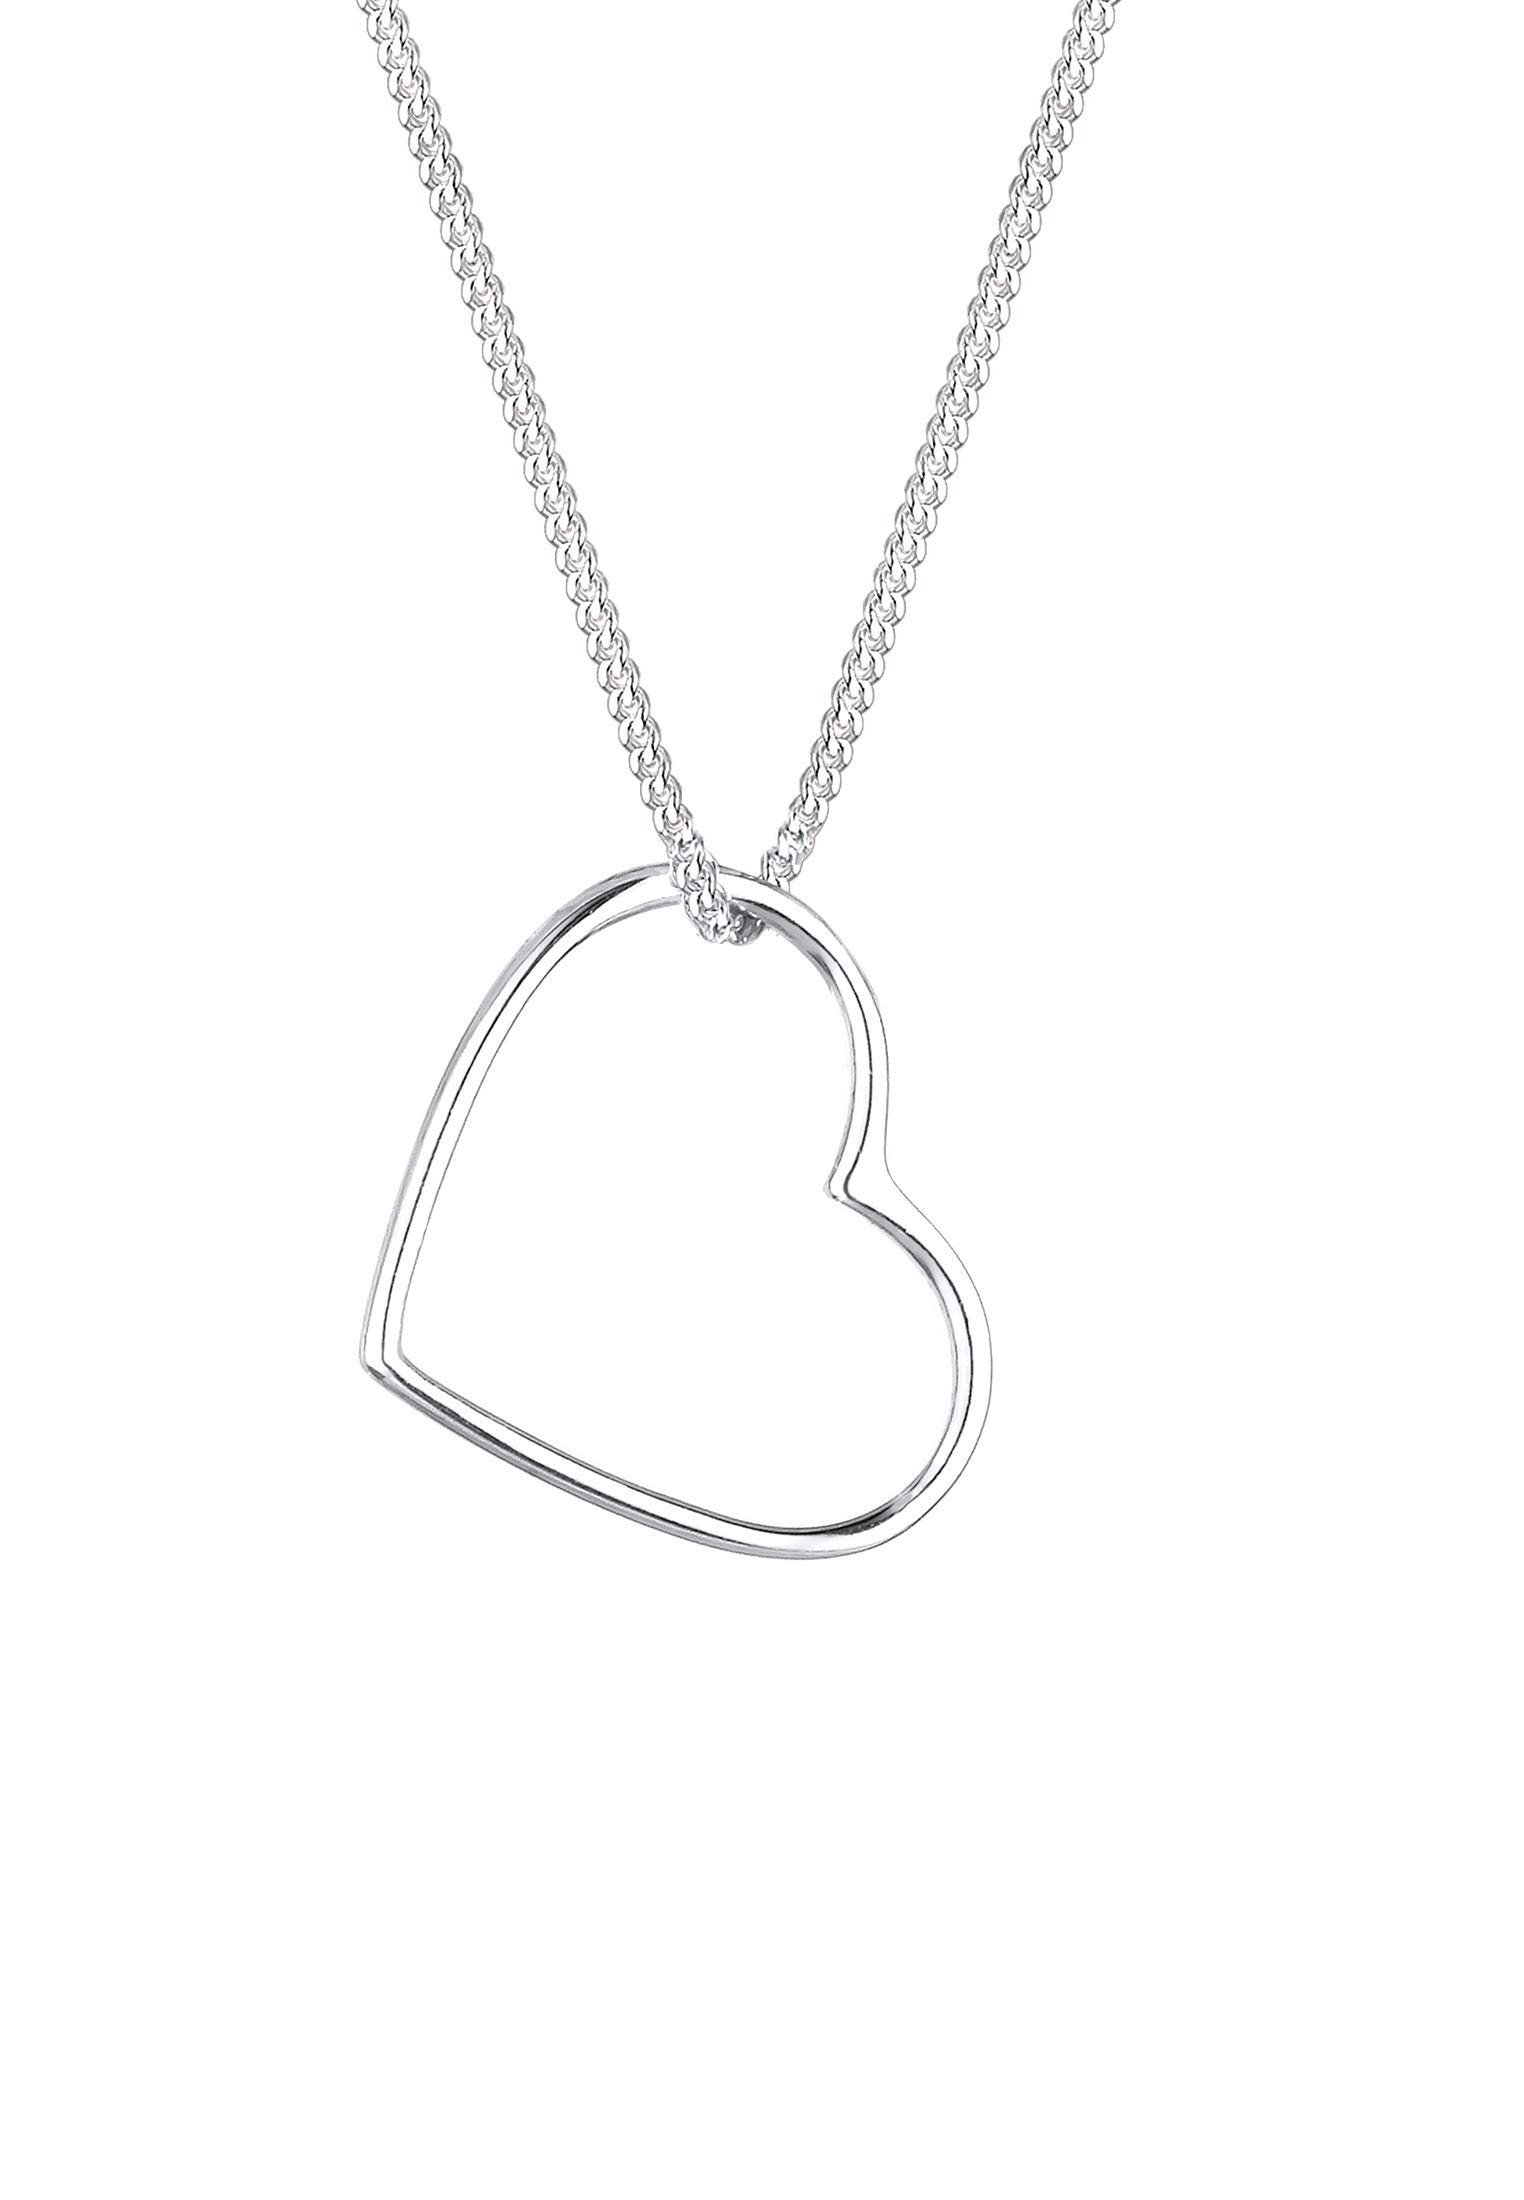 Necklace Women Heart Pendant Filigree in 925 Sterling Silver